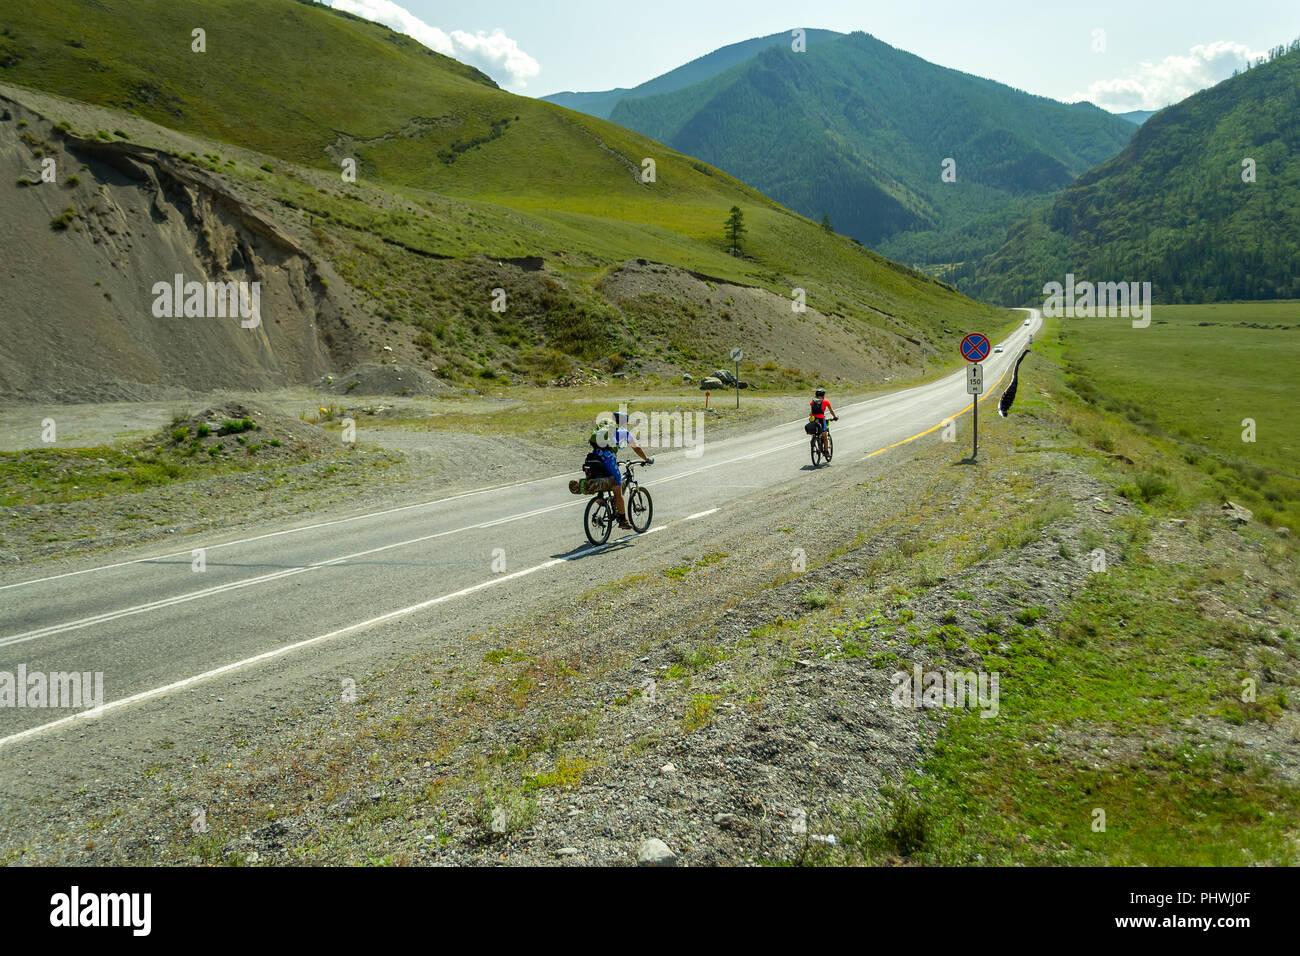 Ein paar der Mann und die Frau in der Helme Fahrt auf Sport Fahrräder auf einer Straße in den Bergen des Altai bis Klettern Stockfoto